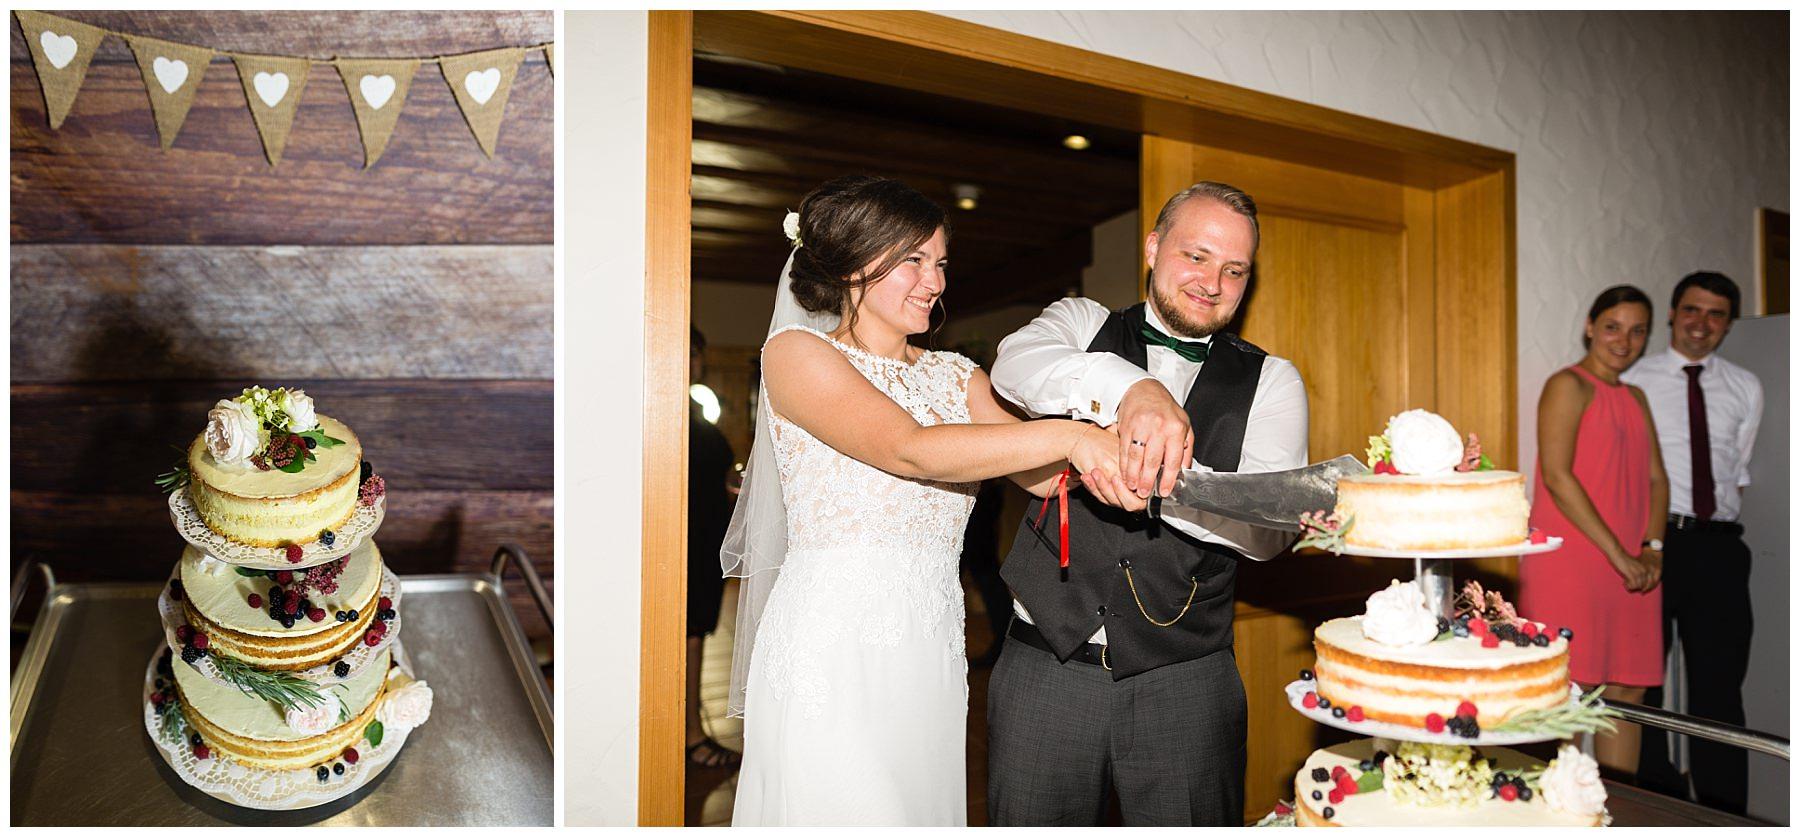 Kuchenanschnitt bei der Hochzeit in Herrentierbach bei Blaufelden